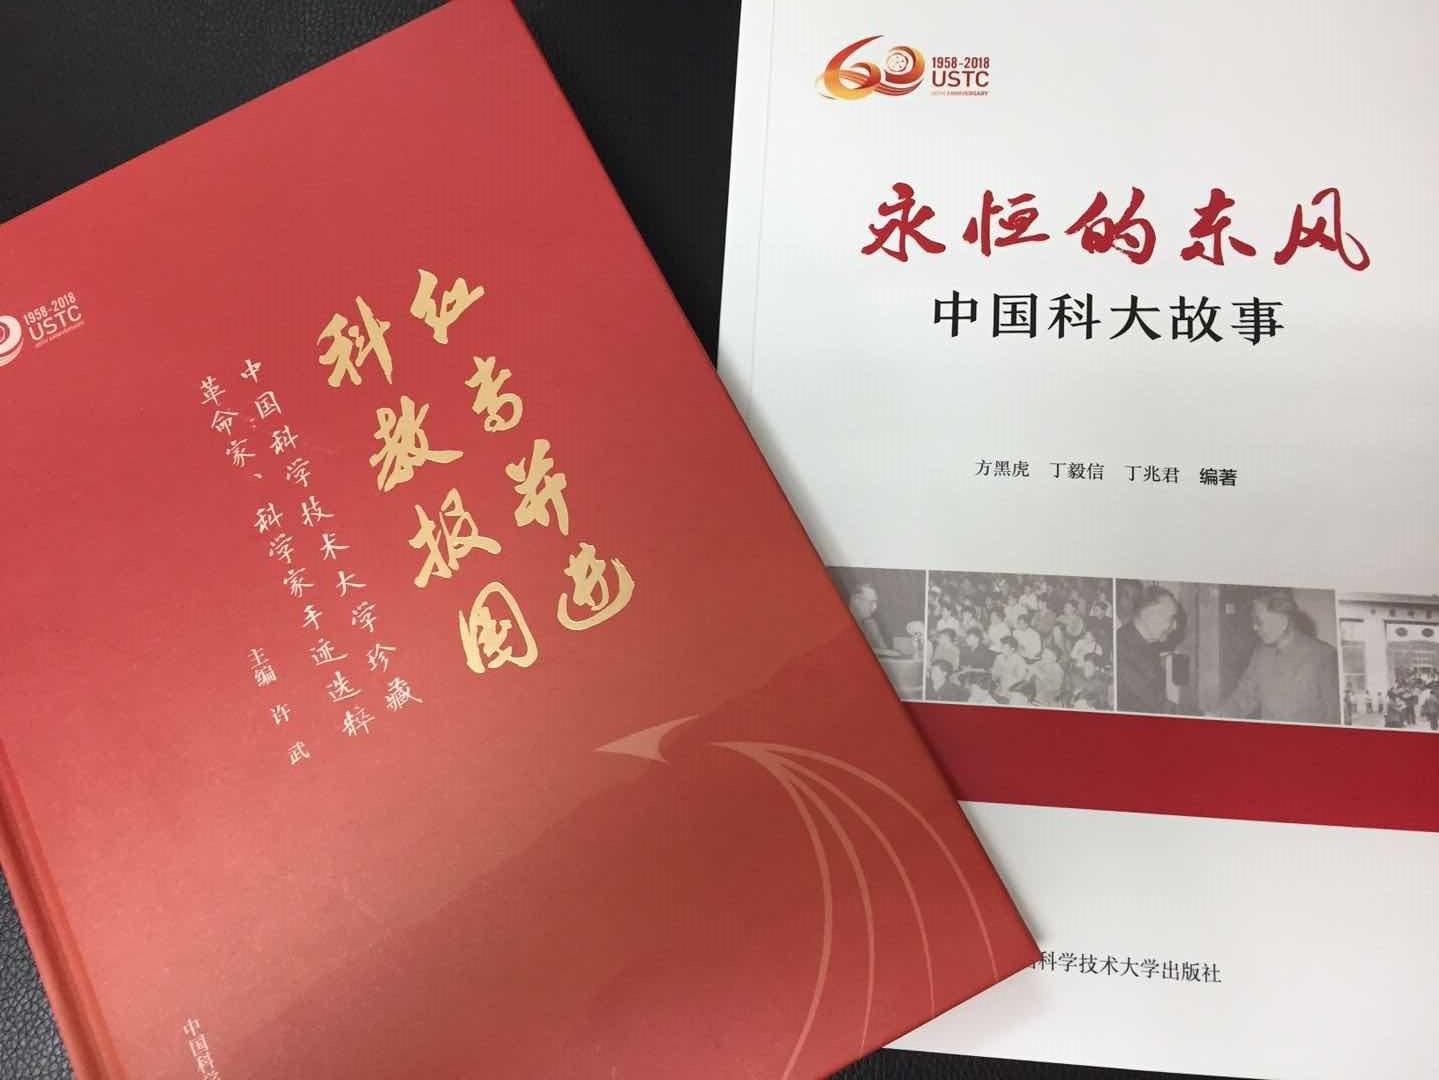 《永恒的东风-中国科大故事》